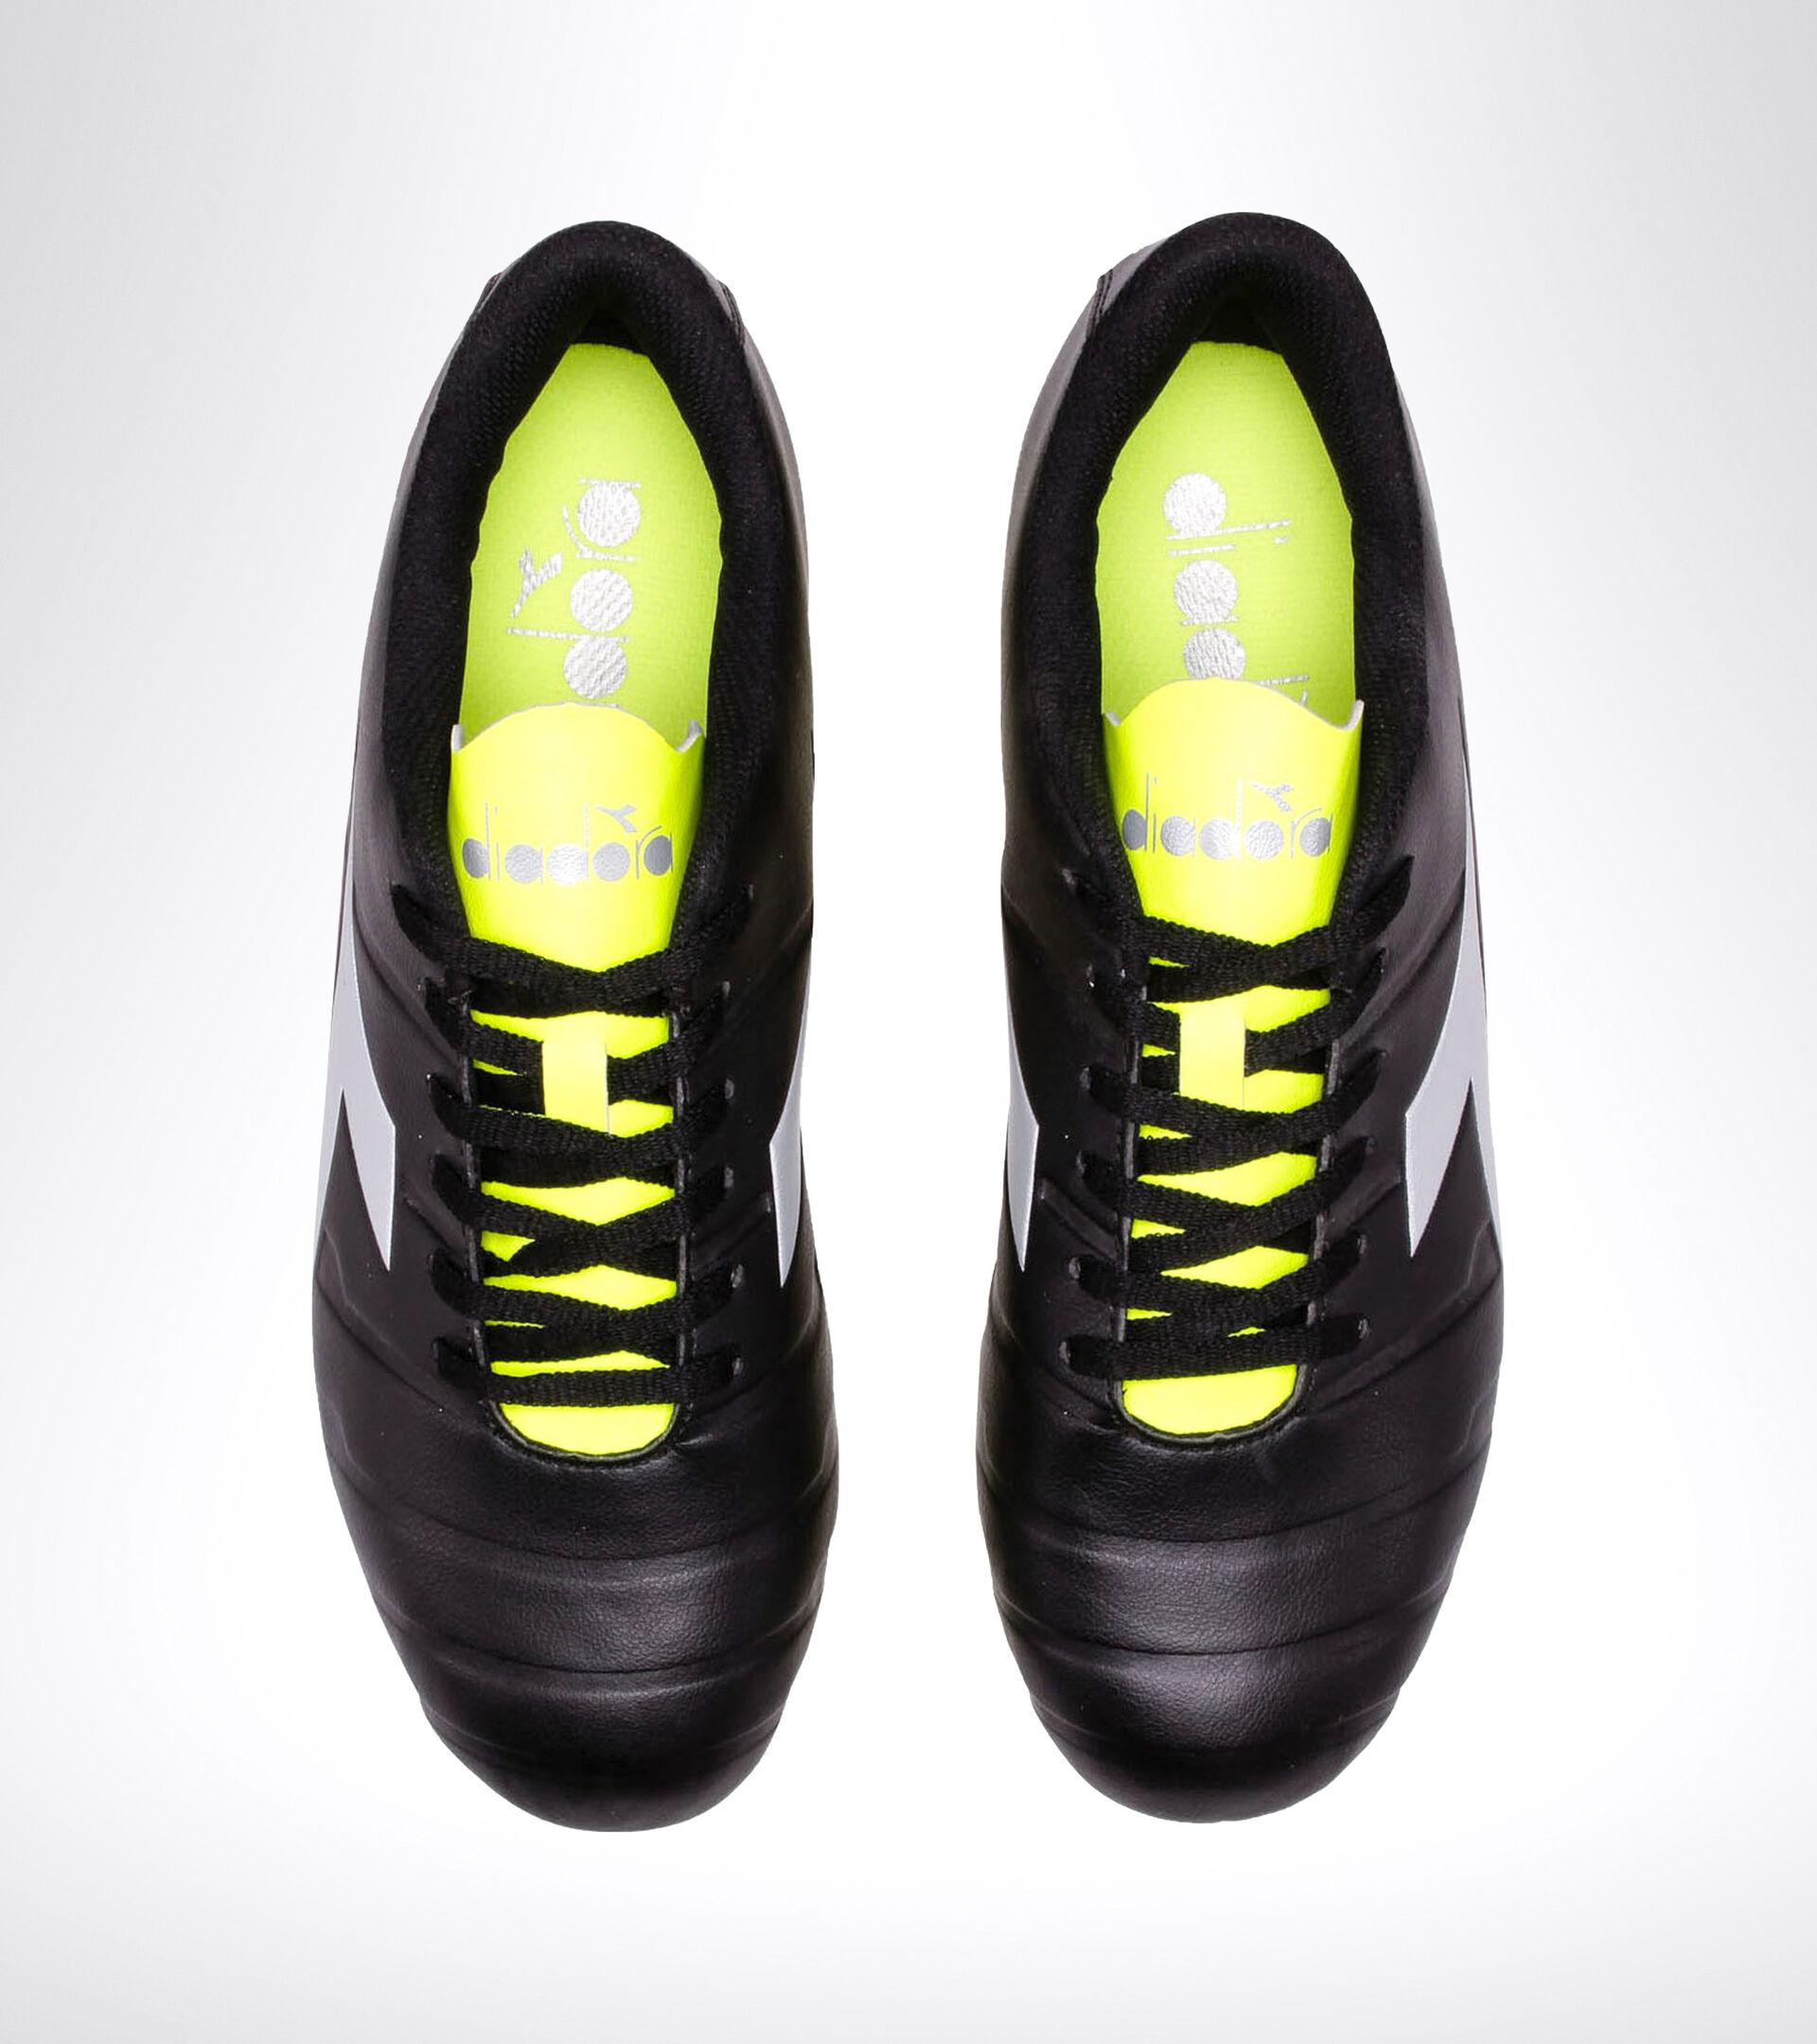 Footwear Sport UOMO PICHICHI 3 MG14 NERO/GIALLO FL DD/ARGENTO Diadora